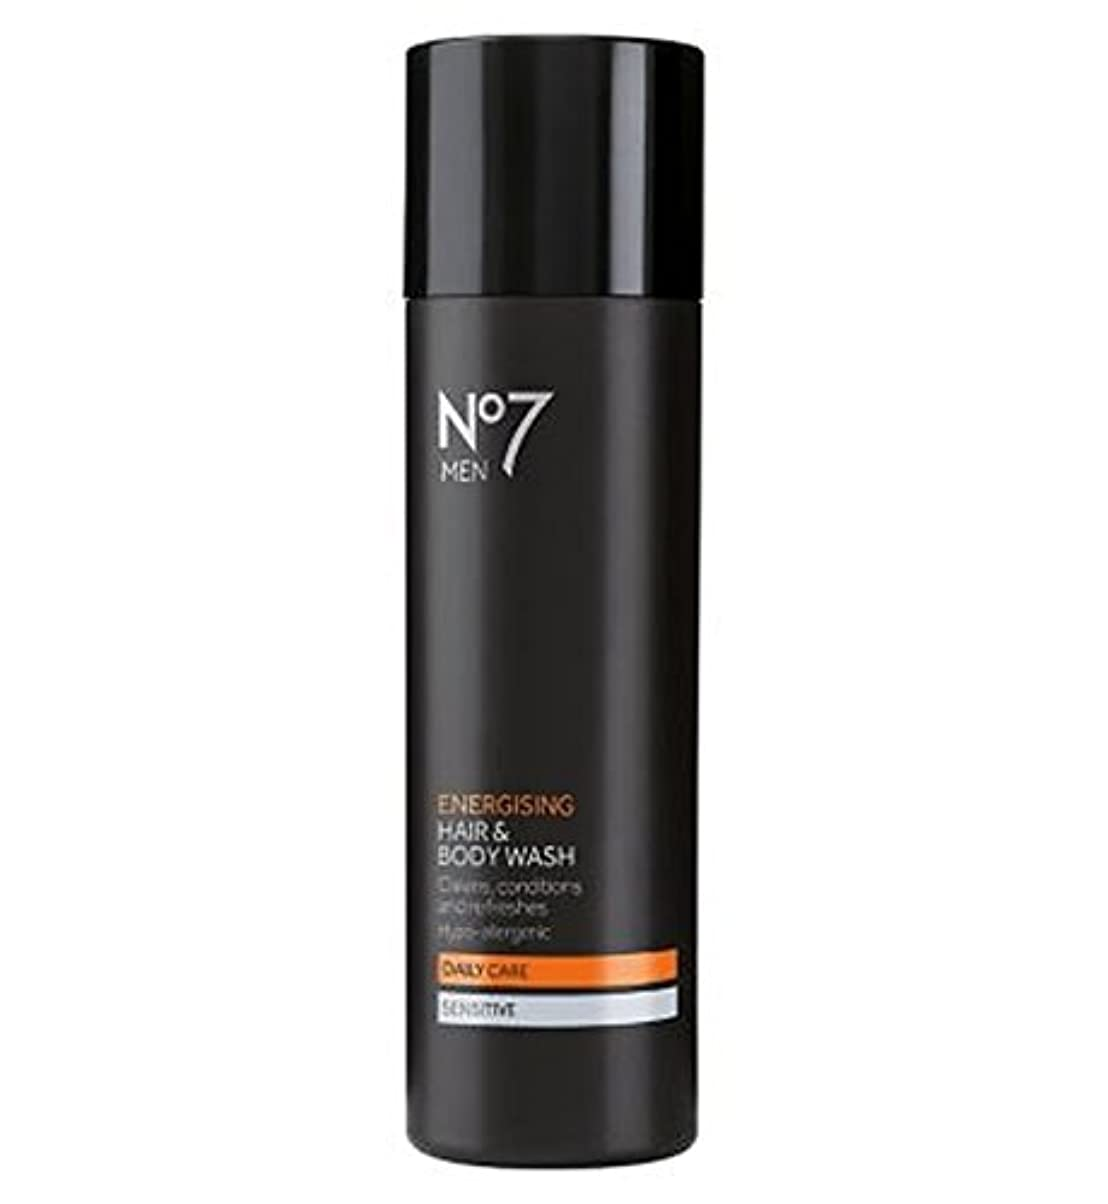 エーカートン対抗ヘア&ボディウォッシュ200ミリリットルを通電No7の男性 (No7) (x2) - No7 Men Energising Hair & Body Wash 200ml (Pack of 2) [並行輸入品]